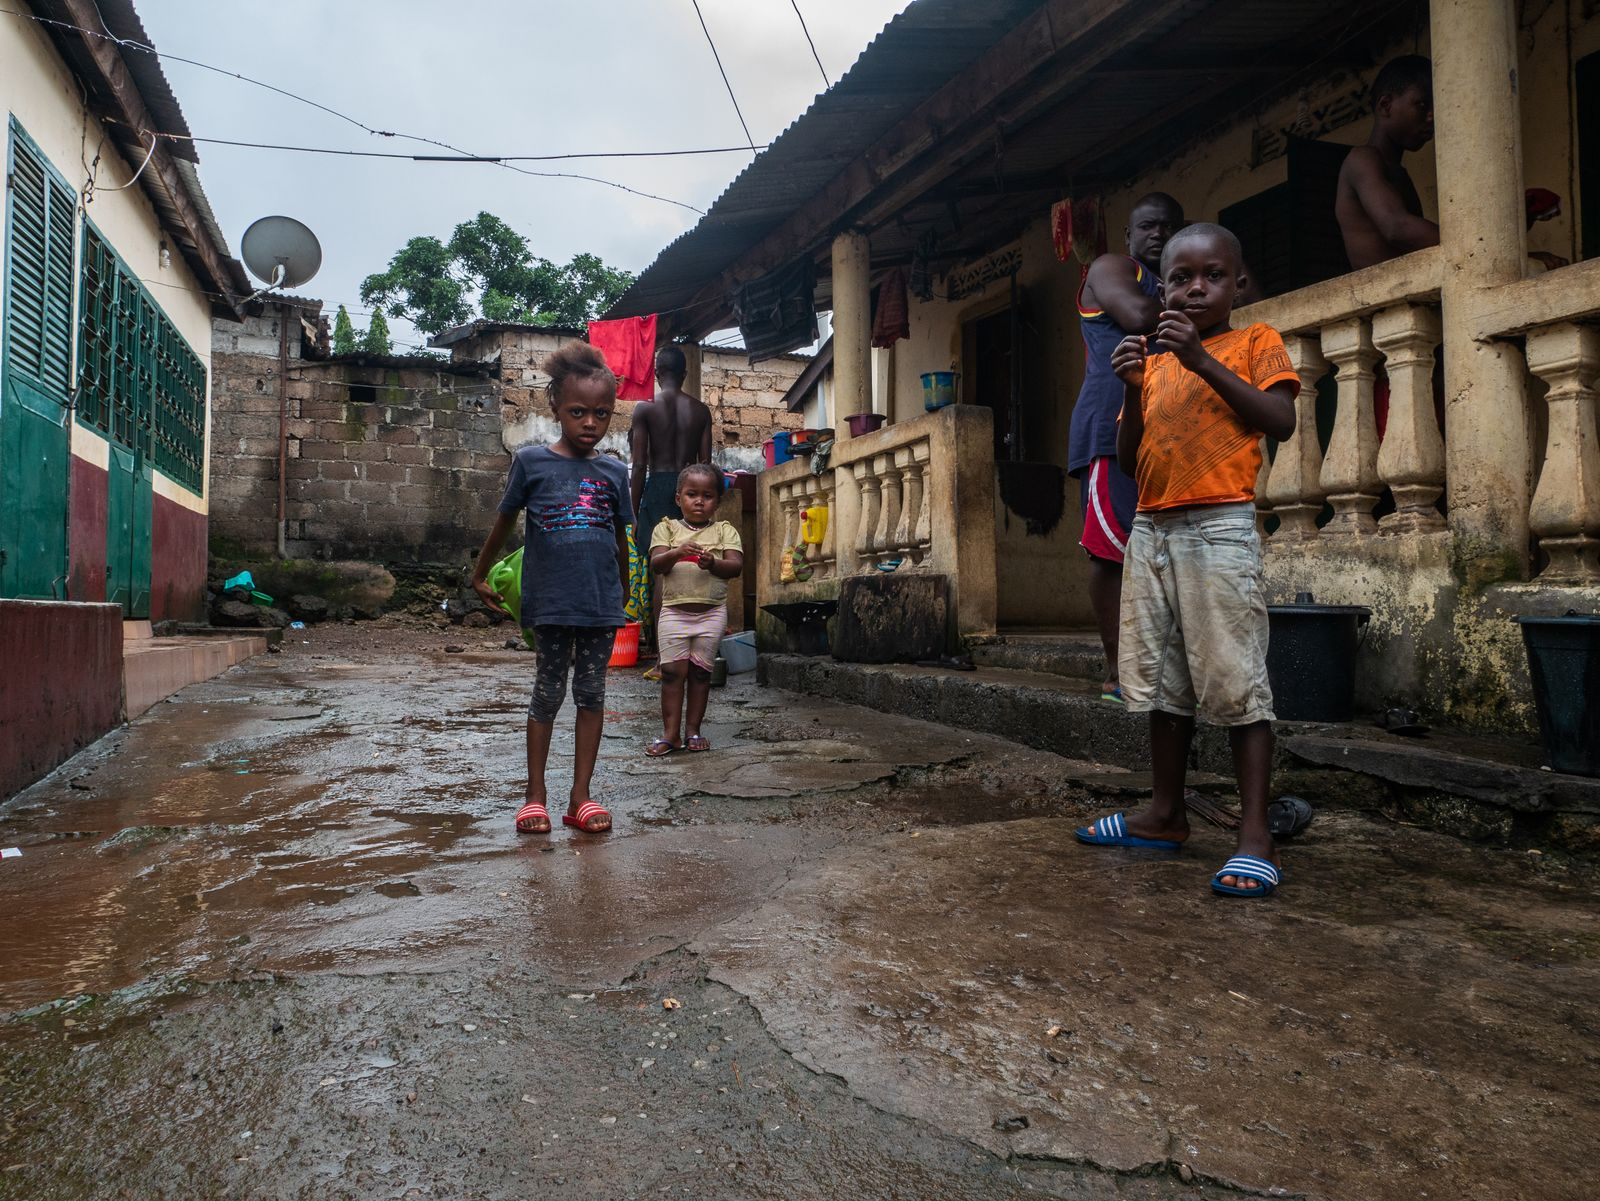 Guinea/ Lansana Bangoura